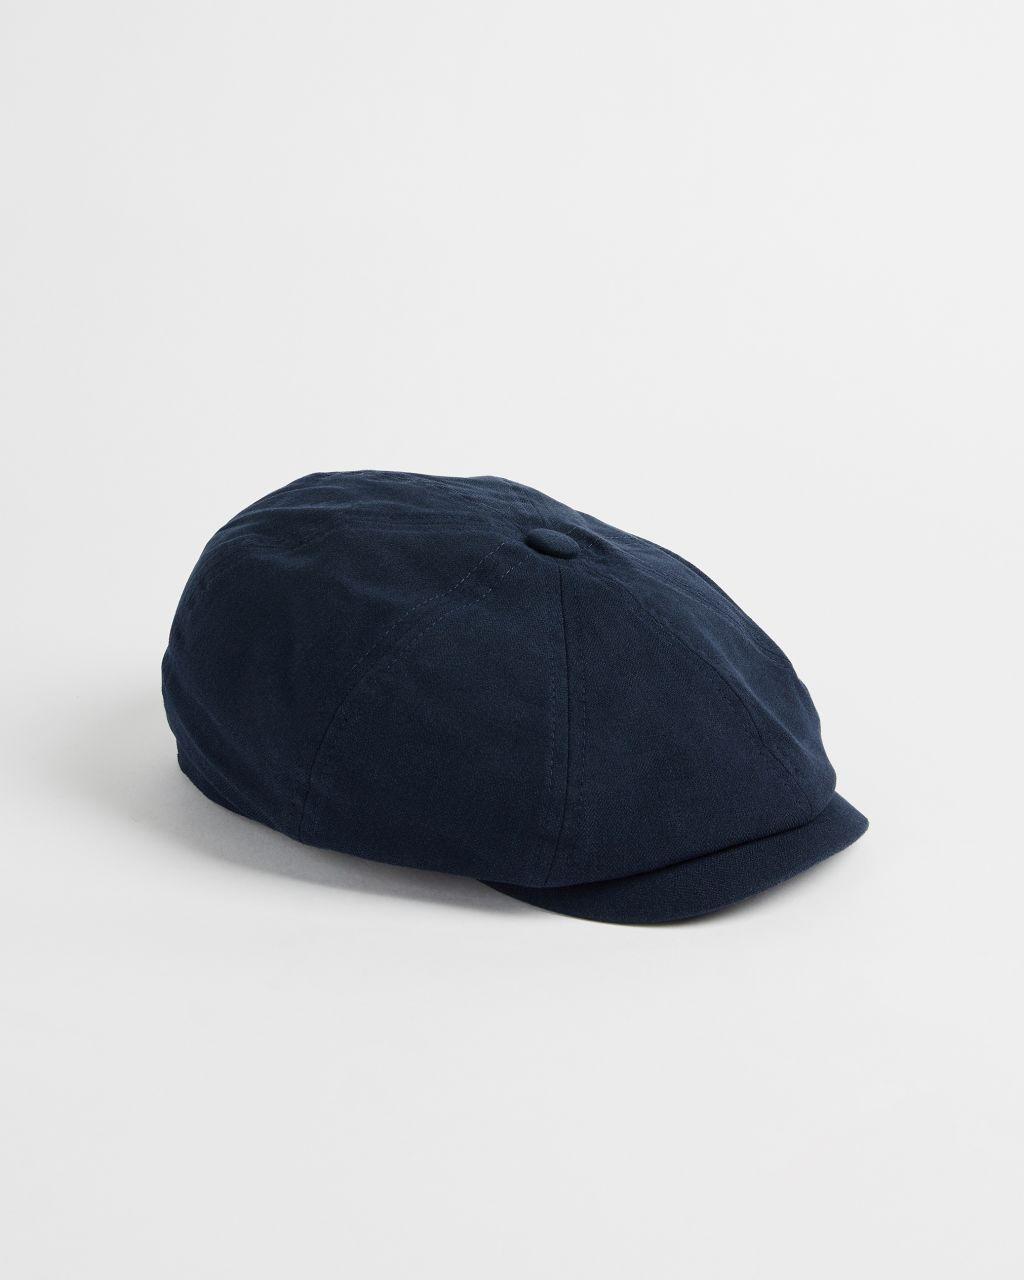 TED BAKER Cotton Baker Boy Hat | TED BAKER SALE